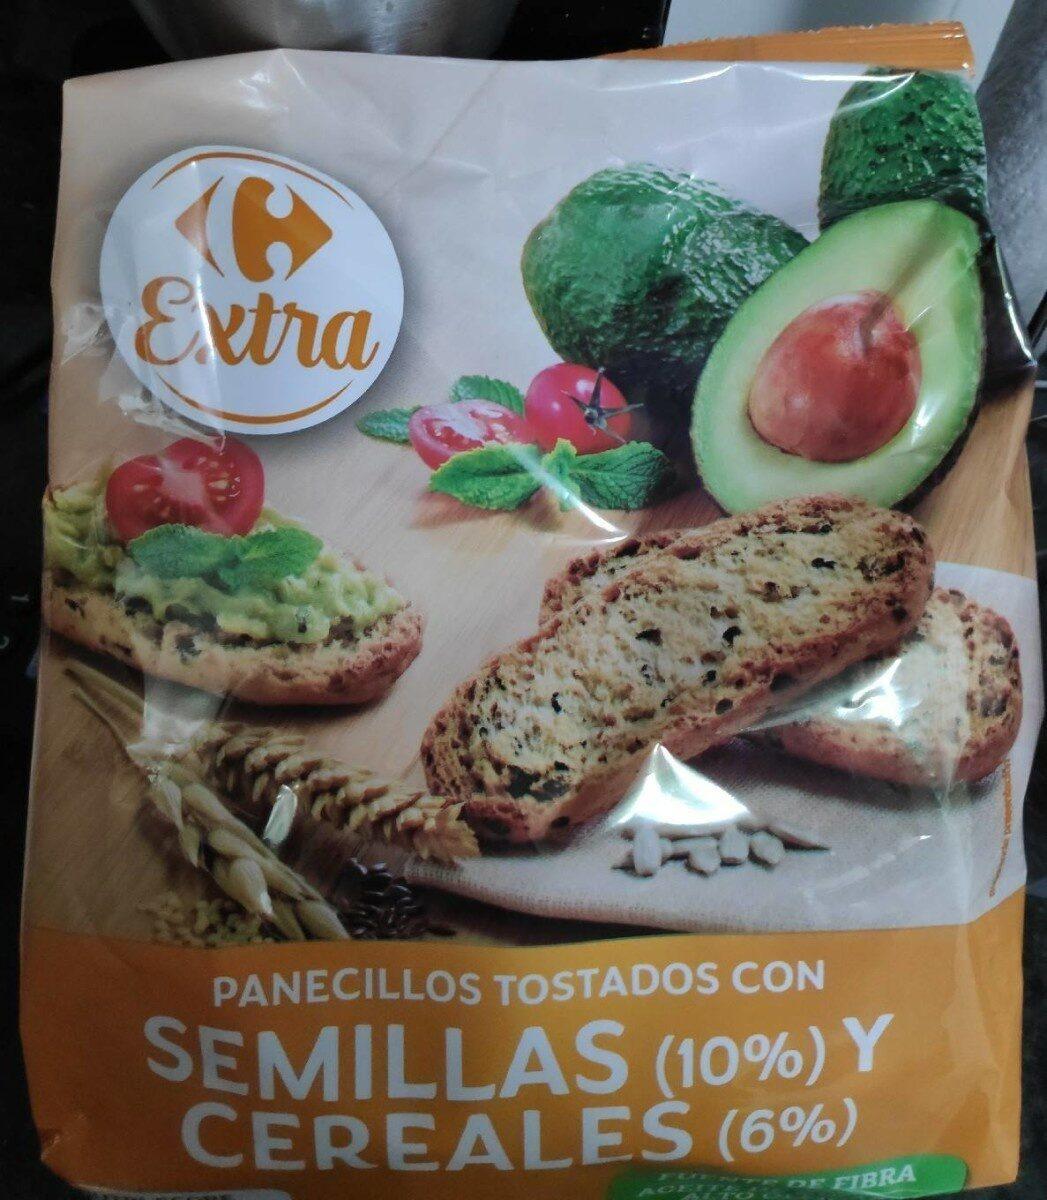 Panecillos tostados con semillaa y cereales - Product - es